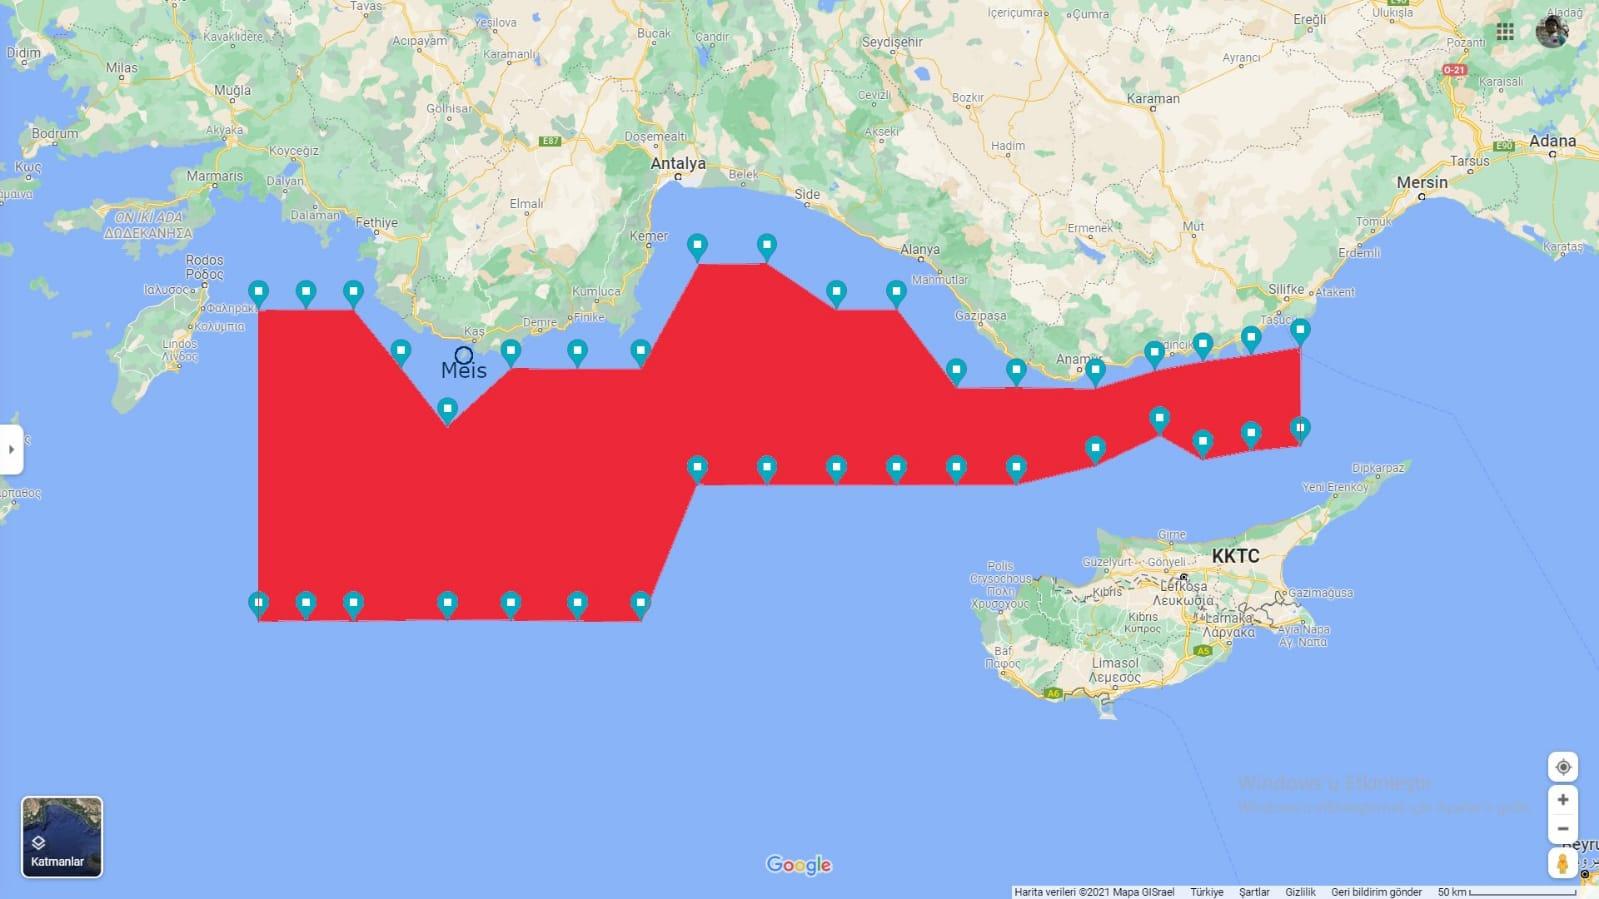 Η Τουρκία κλείνει με NAVTEX την Αν. Μεσόγειο